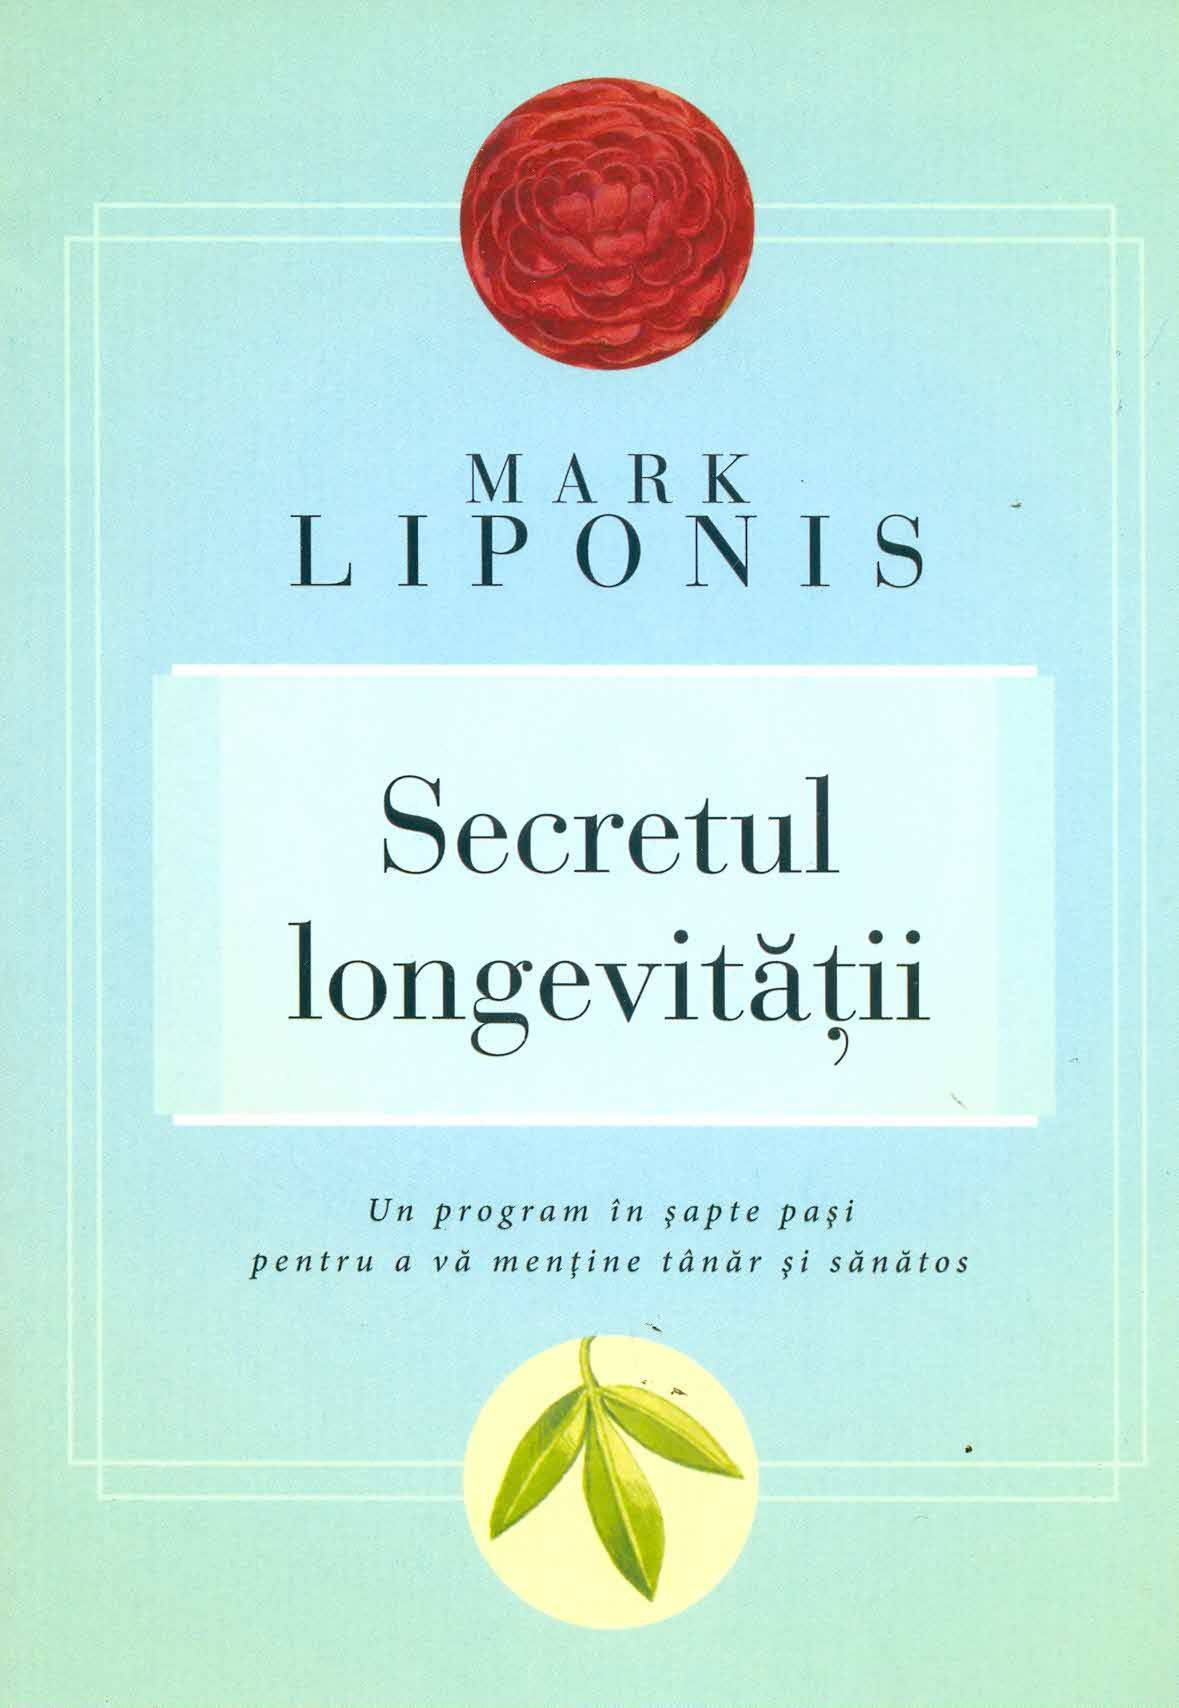 Secretul longevitatii un program in sapte pasi pentru a va mentine tanar si sanatos - Mark Liponis